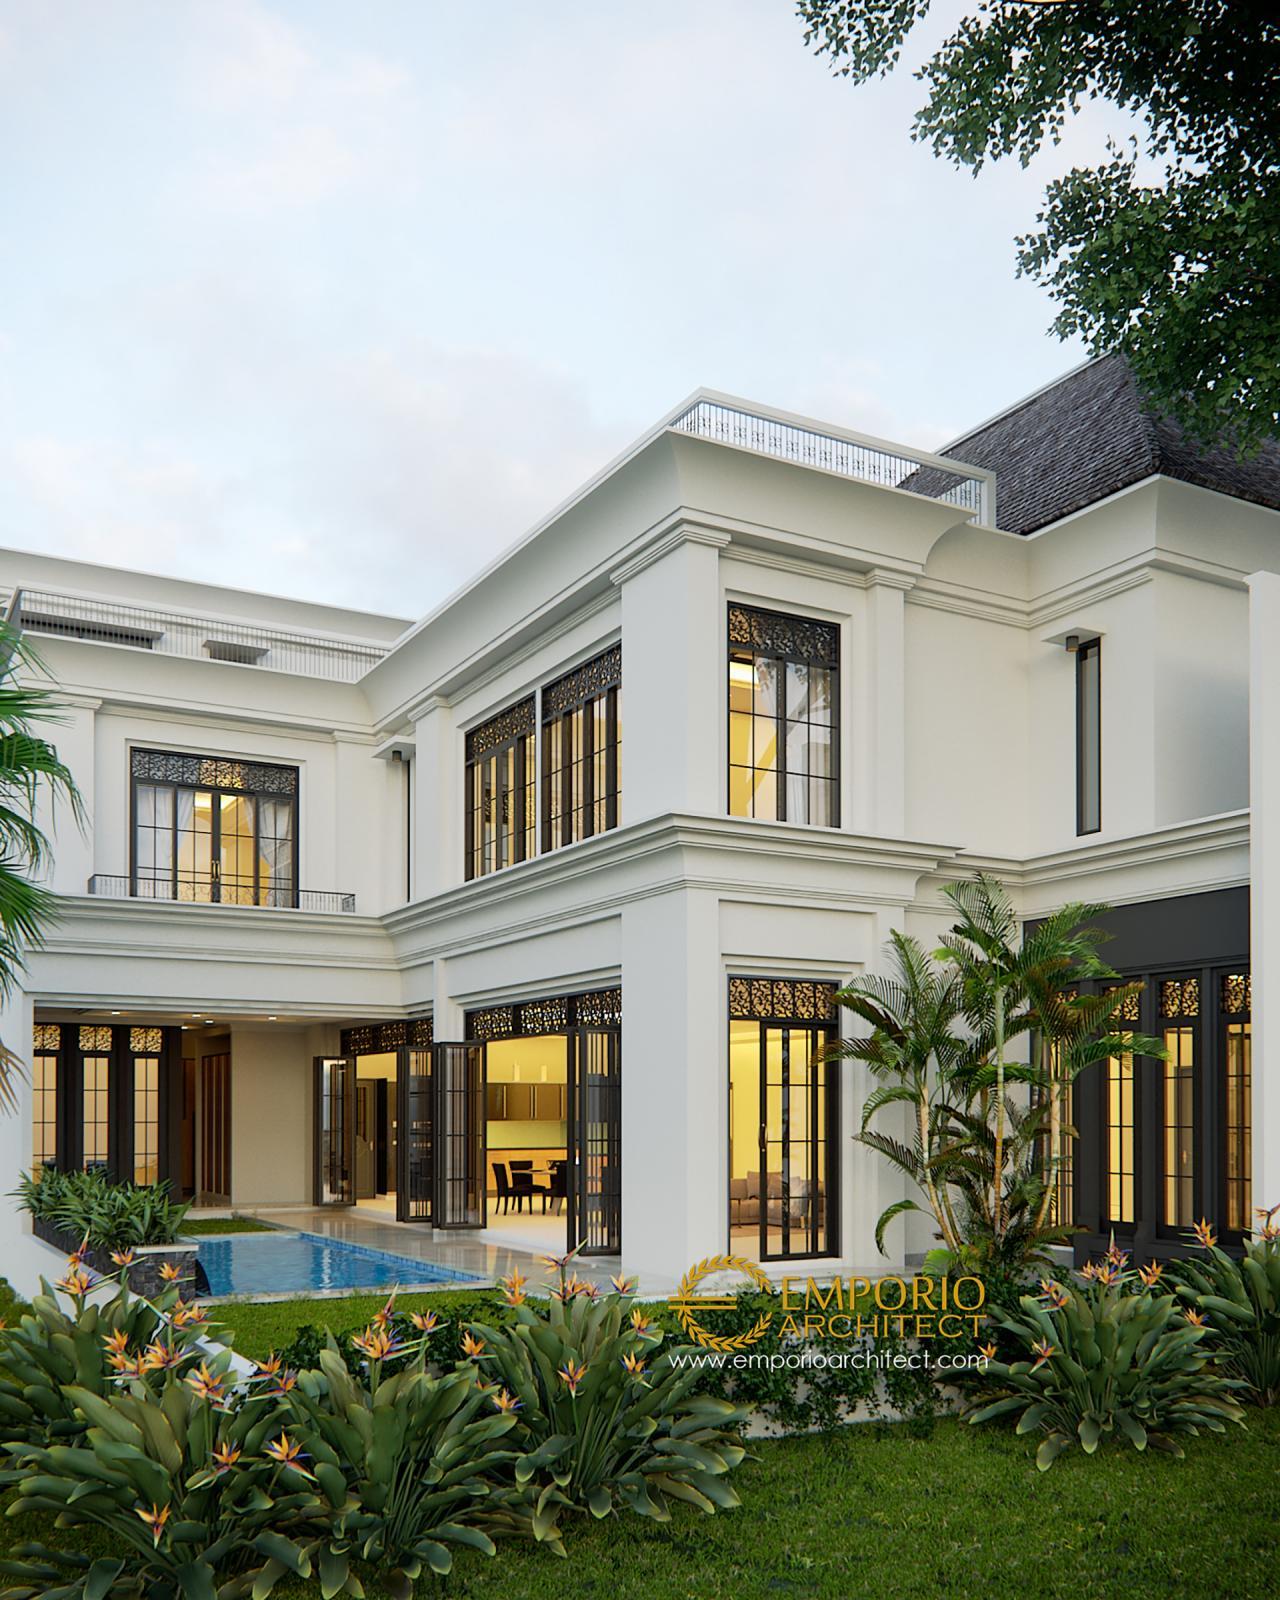 jasa arsitek di jakarta desain rumah bapak gusti 268469359221020104510 2